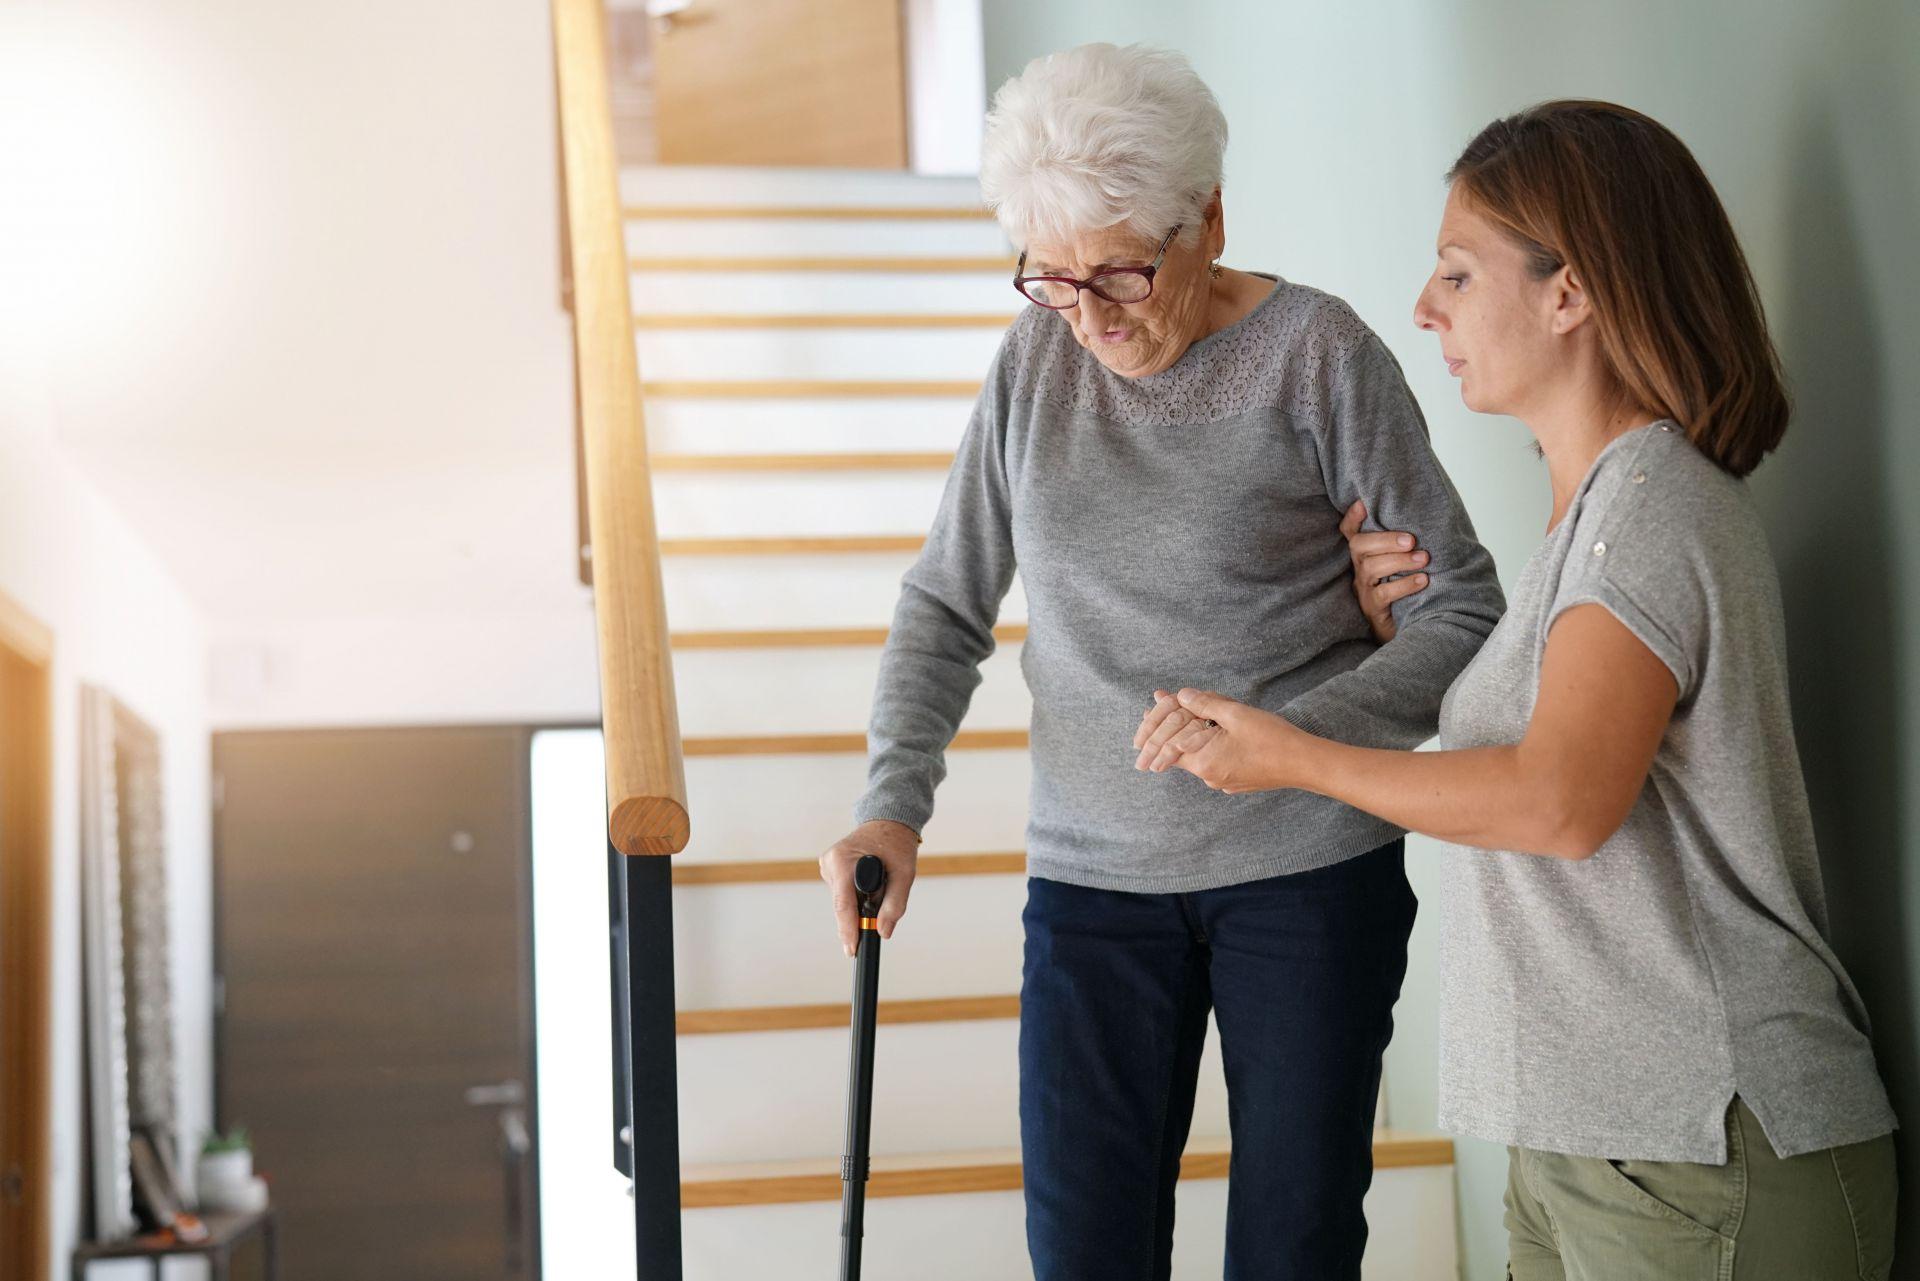 adobestock 180542036 min - 24-Stunden-Betreuung: SHD Seniorenhilfe vereinfacht die Abläufe